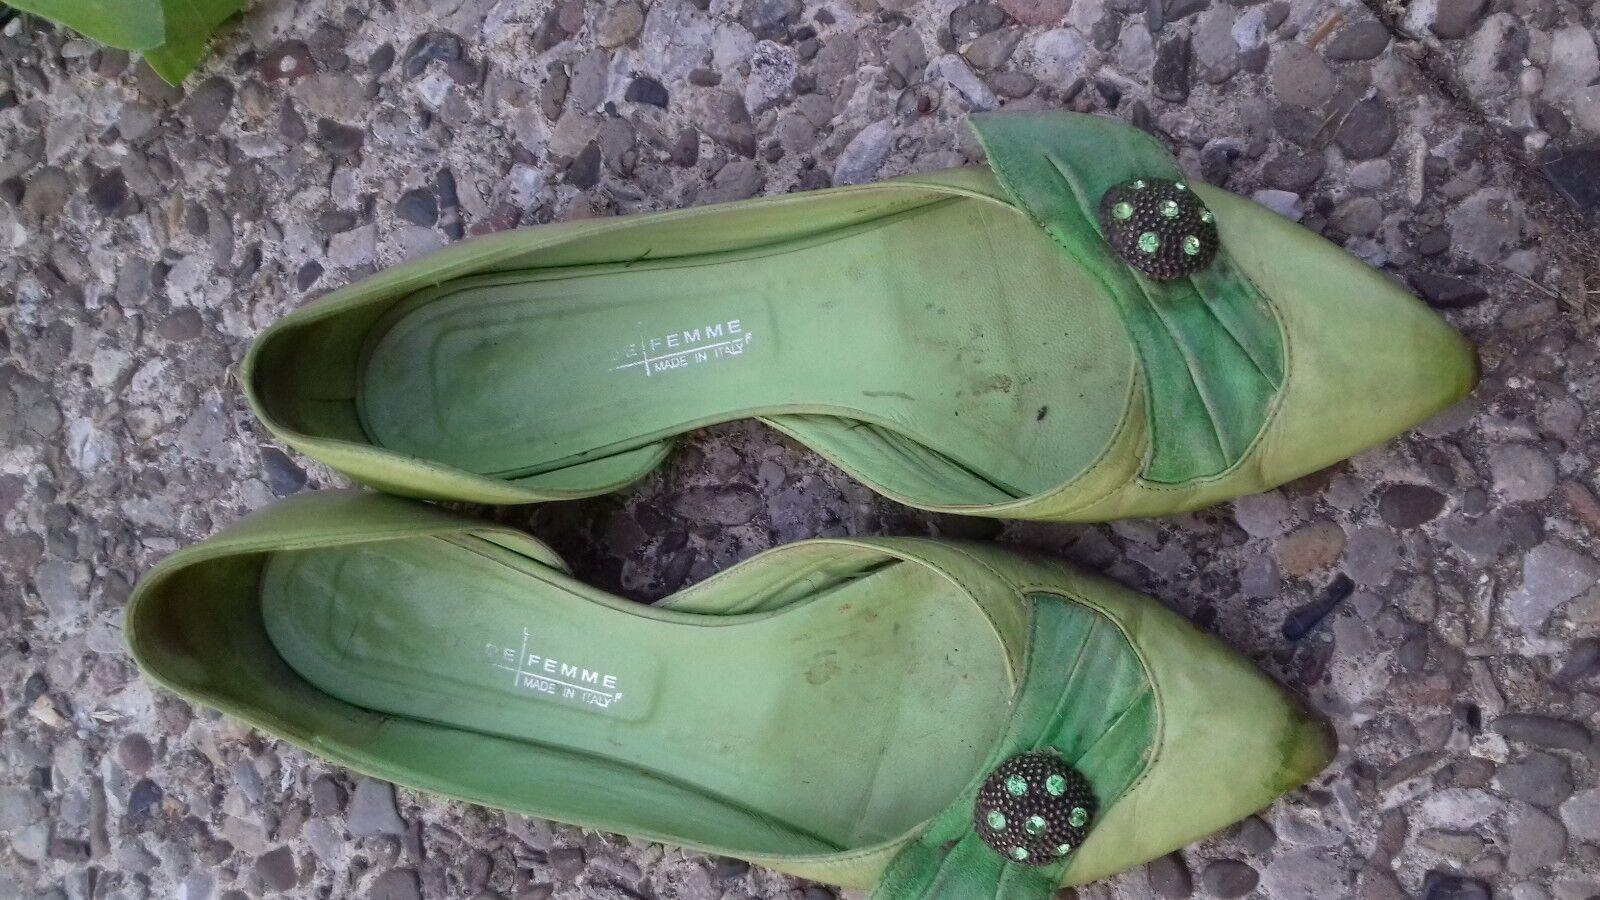 Pumps Sammler Schuhe Echtes Leder Leder Leder 946f48 ... a5eb8332ca